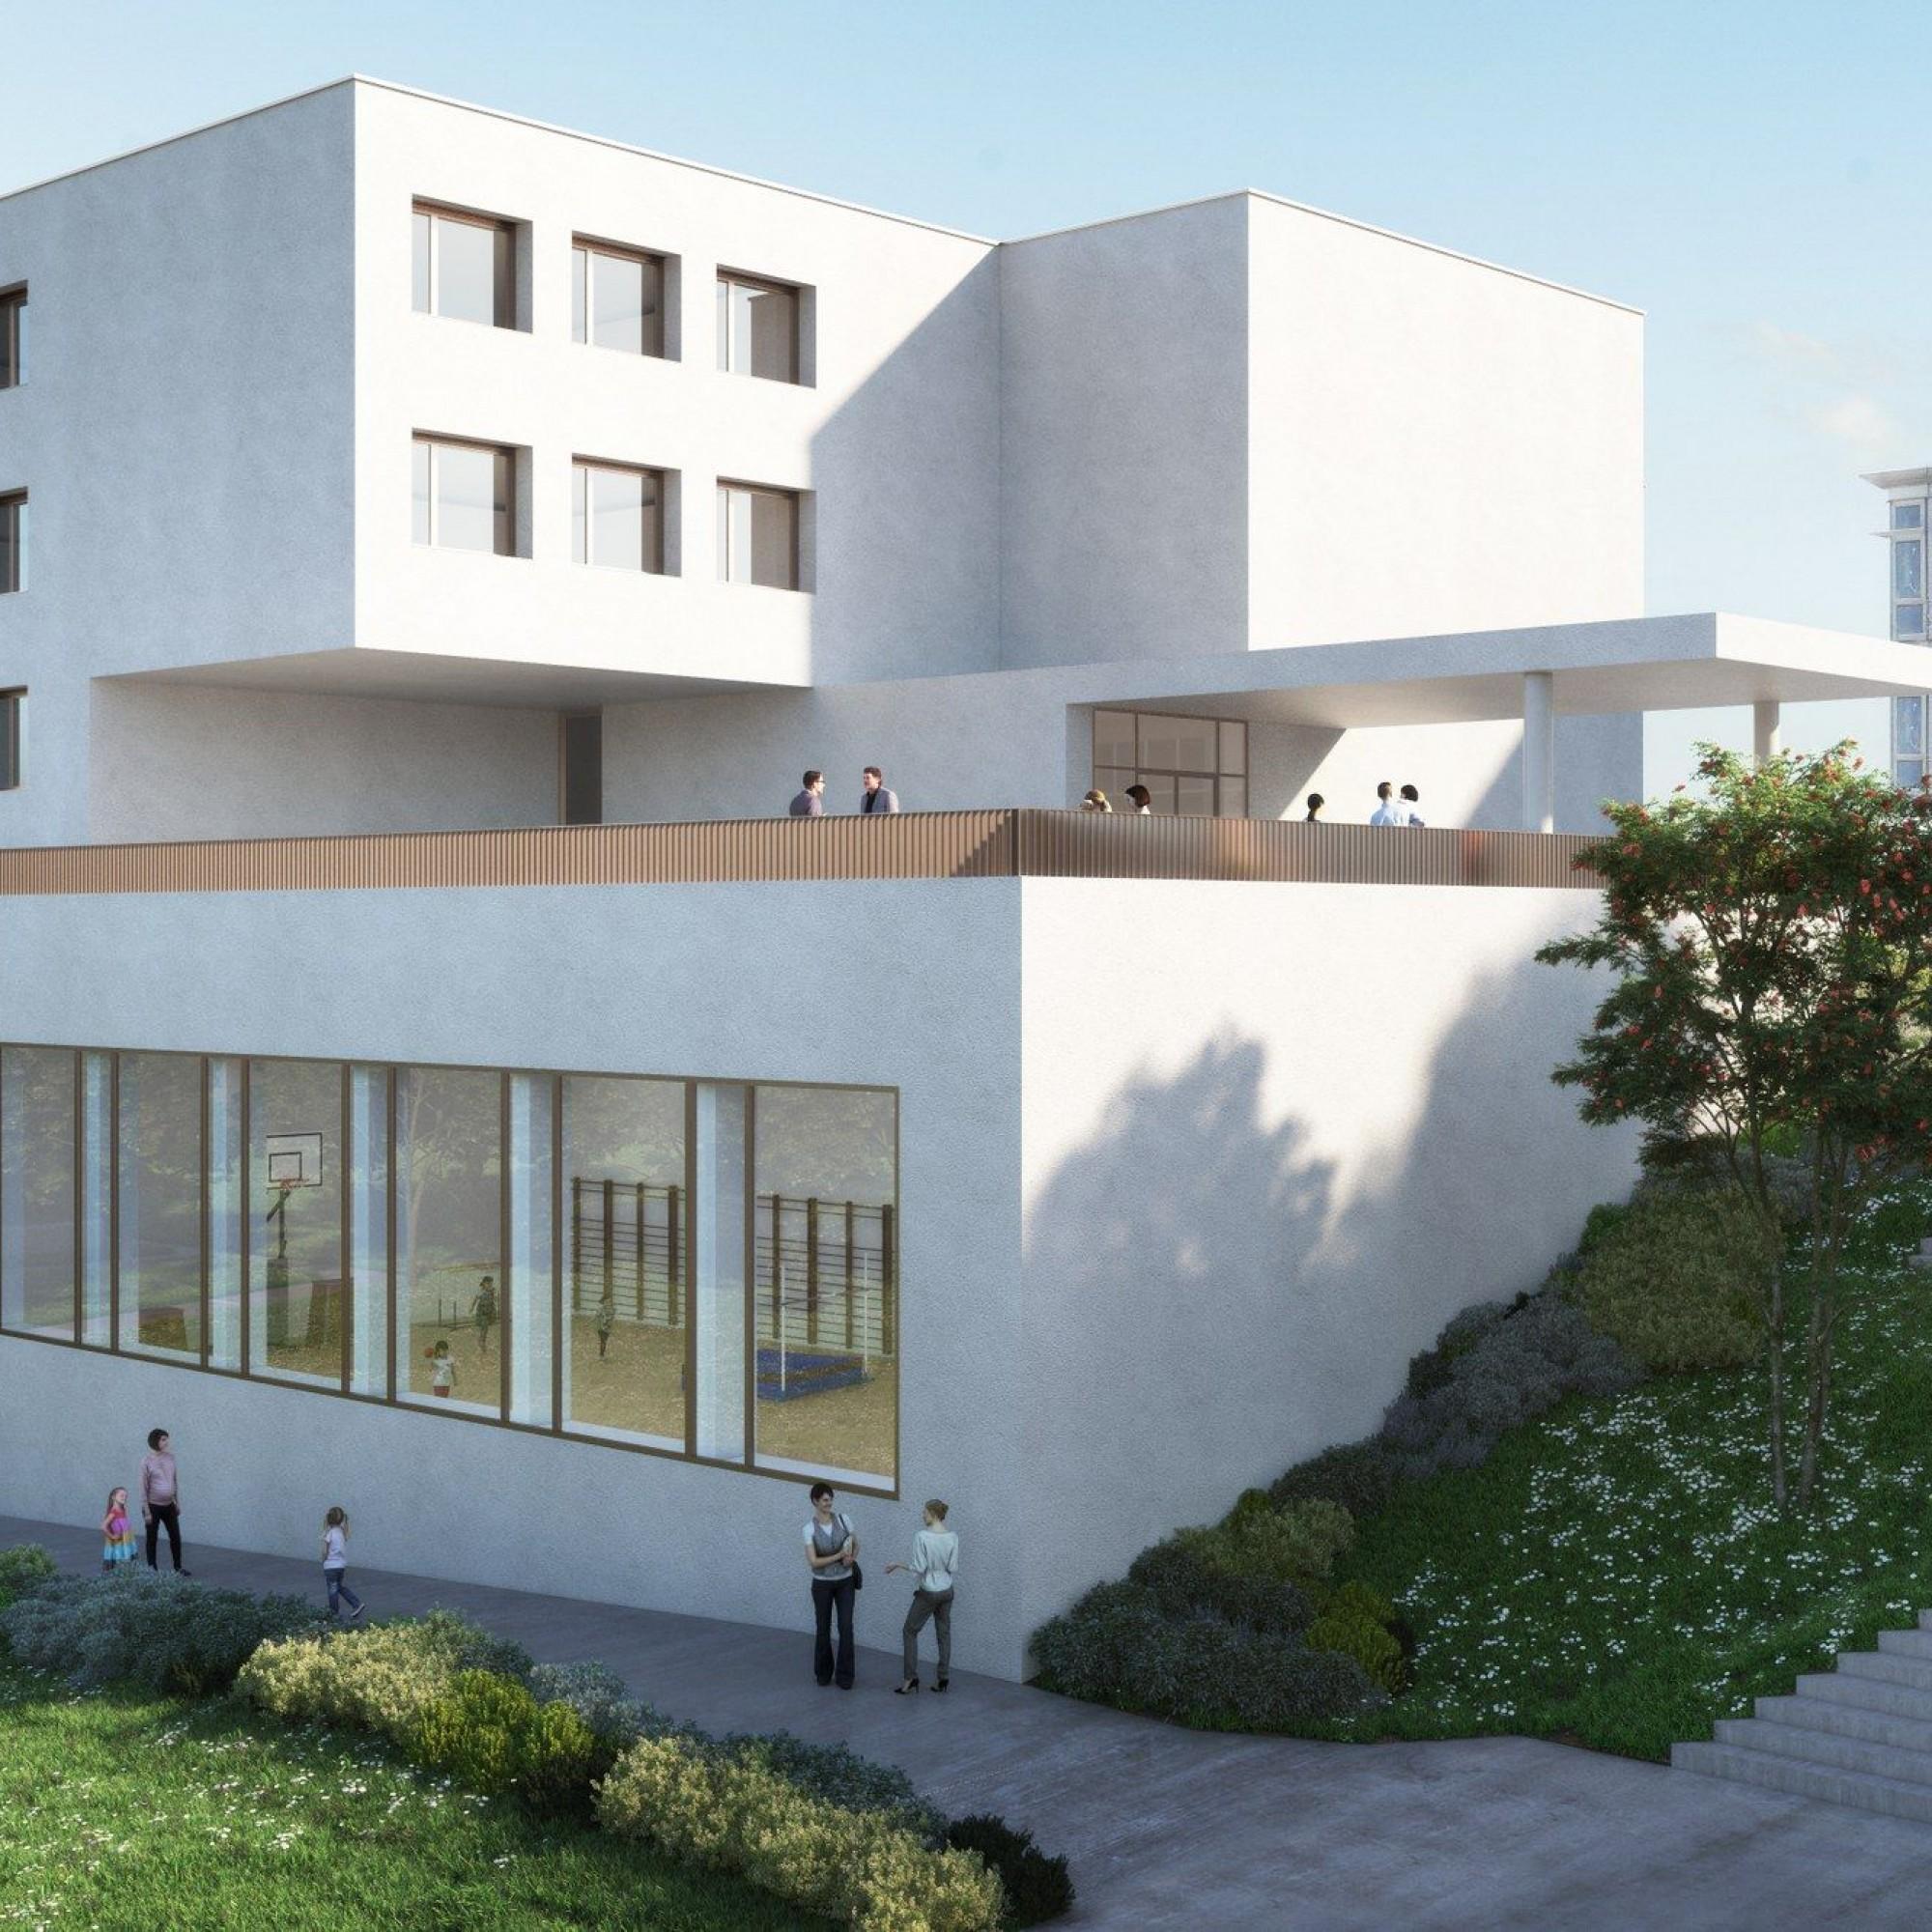 Die Stimmbürger der Gemeinde Risch haben die Vorlage zur Sanierung und Erweiterung Schulhaus 4 mit einer Zustimmung von 83.37 % angenommen.